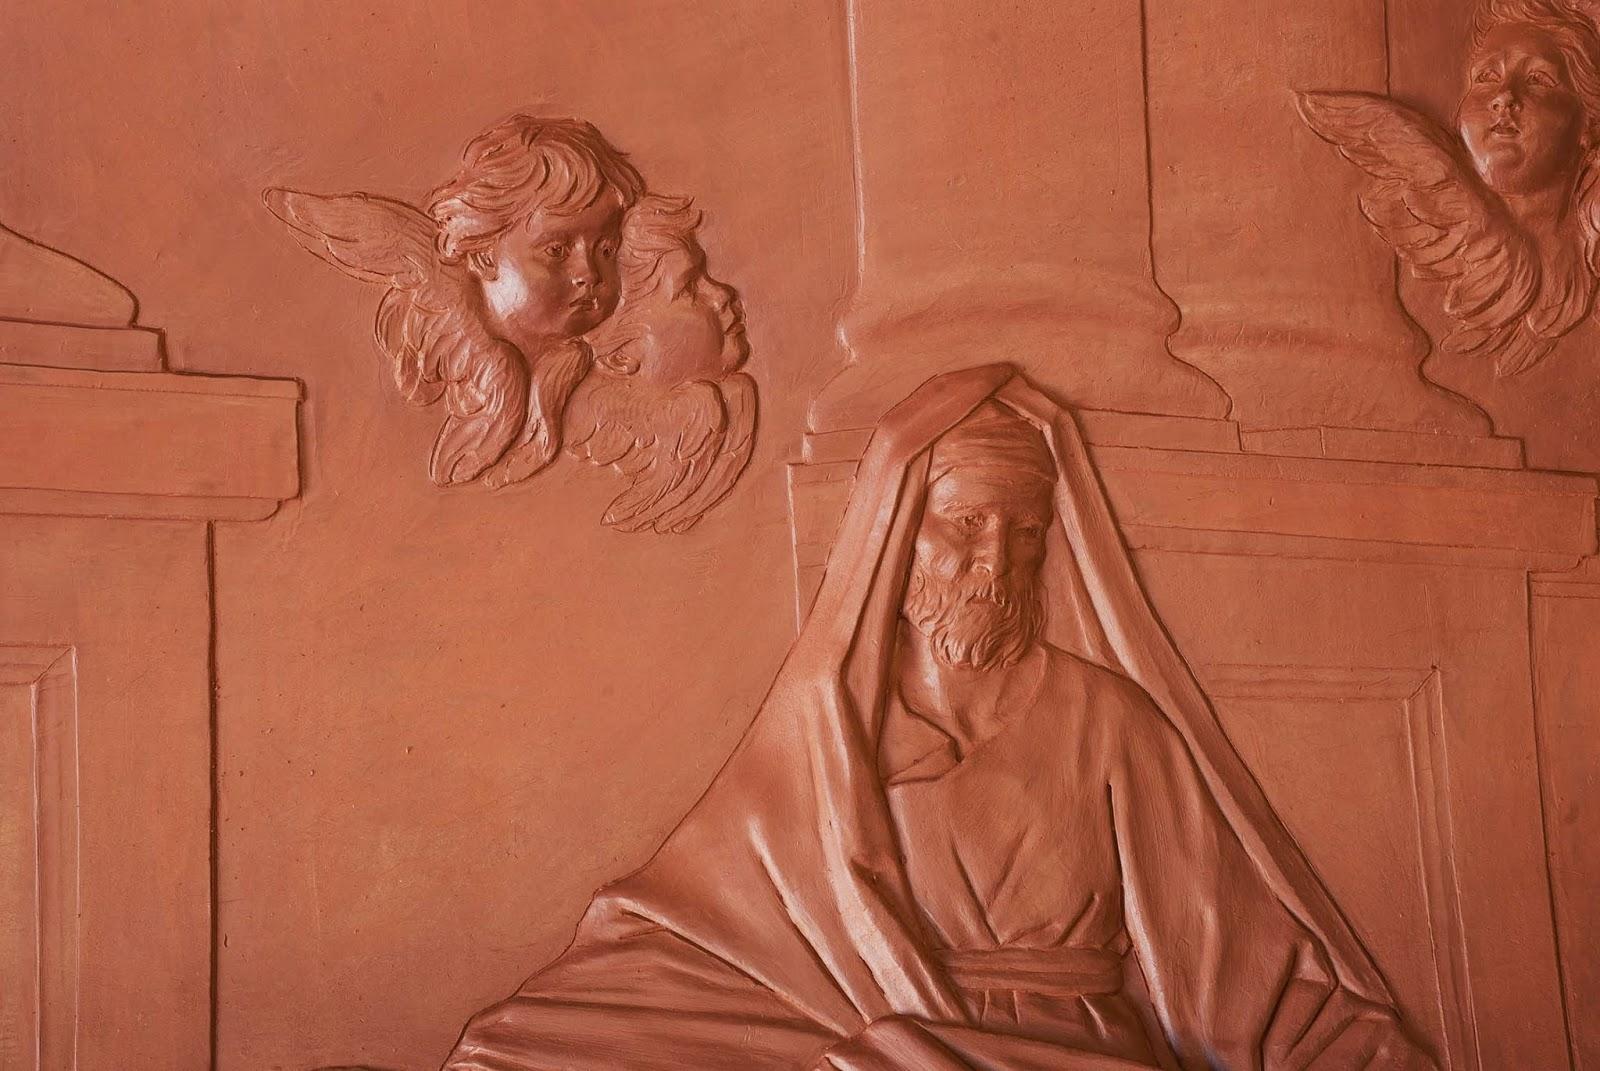 Trono Soledad Semana Santa Cartagena Murcia Arturo Serra escultura 25